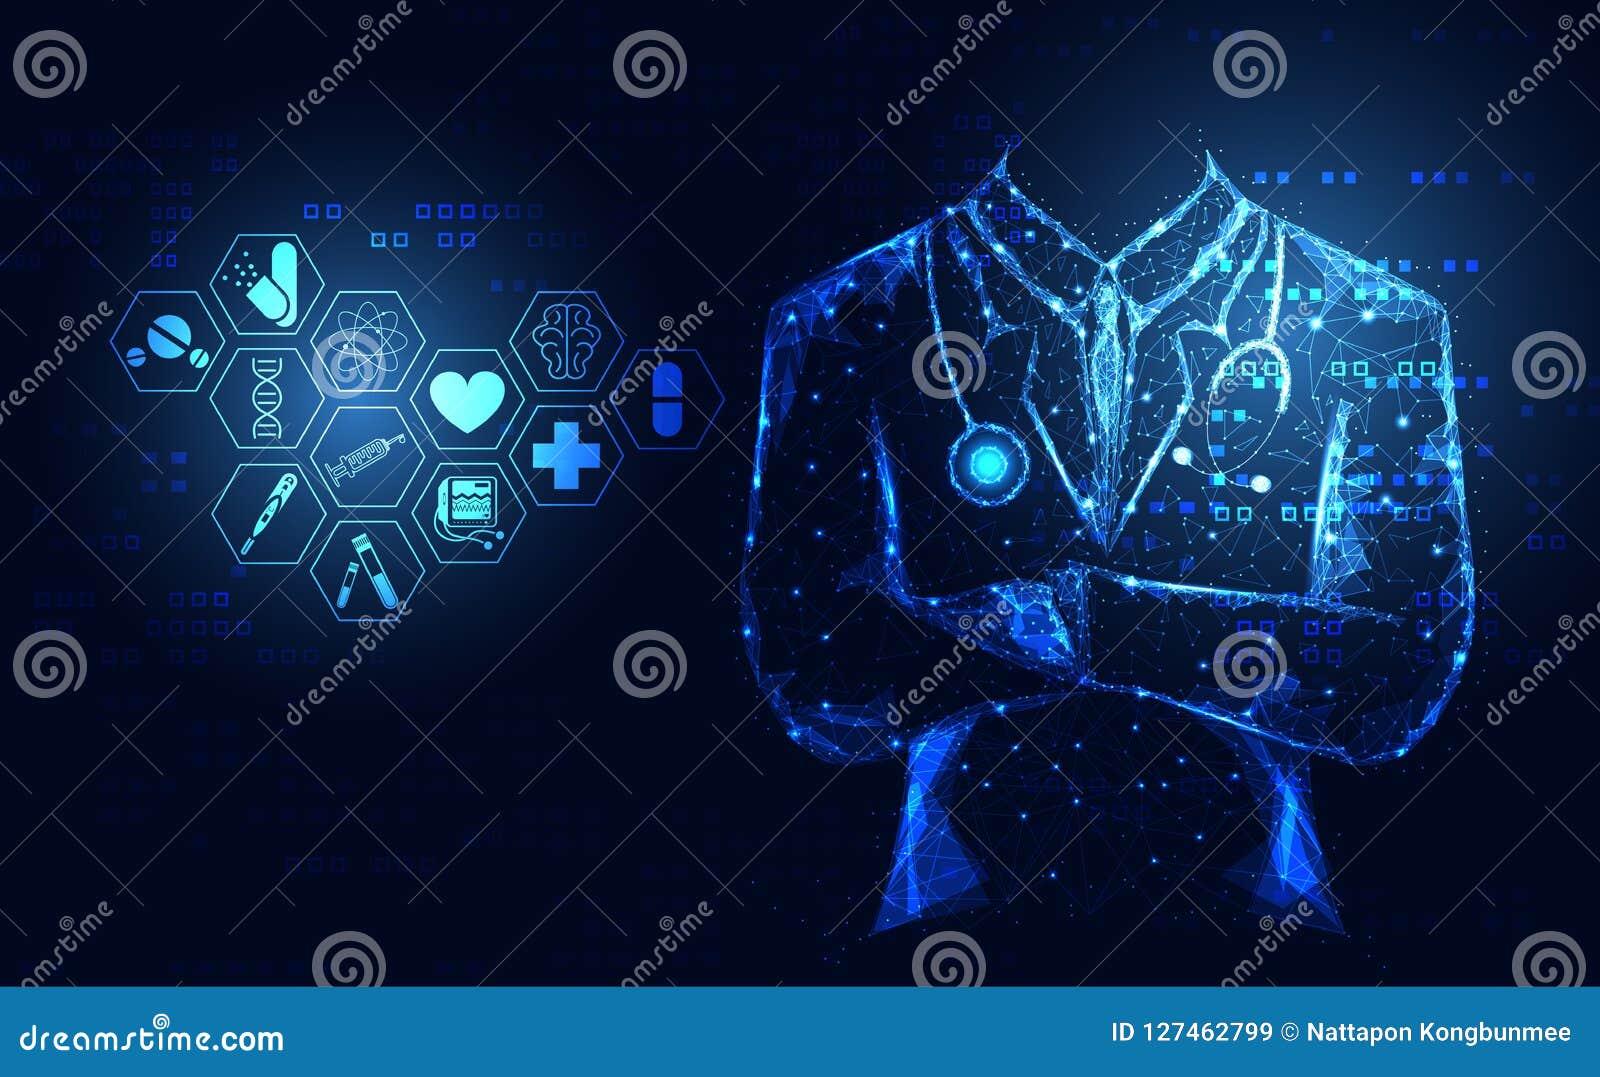 Αφηρημένο ψηφιακό technolo εικονιδίων υγειονομικής περίθαλψης επιστήμης υγείας ιατρικό